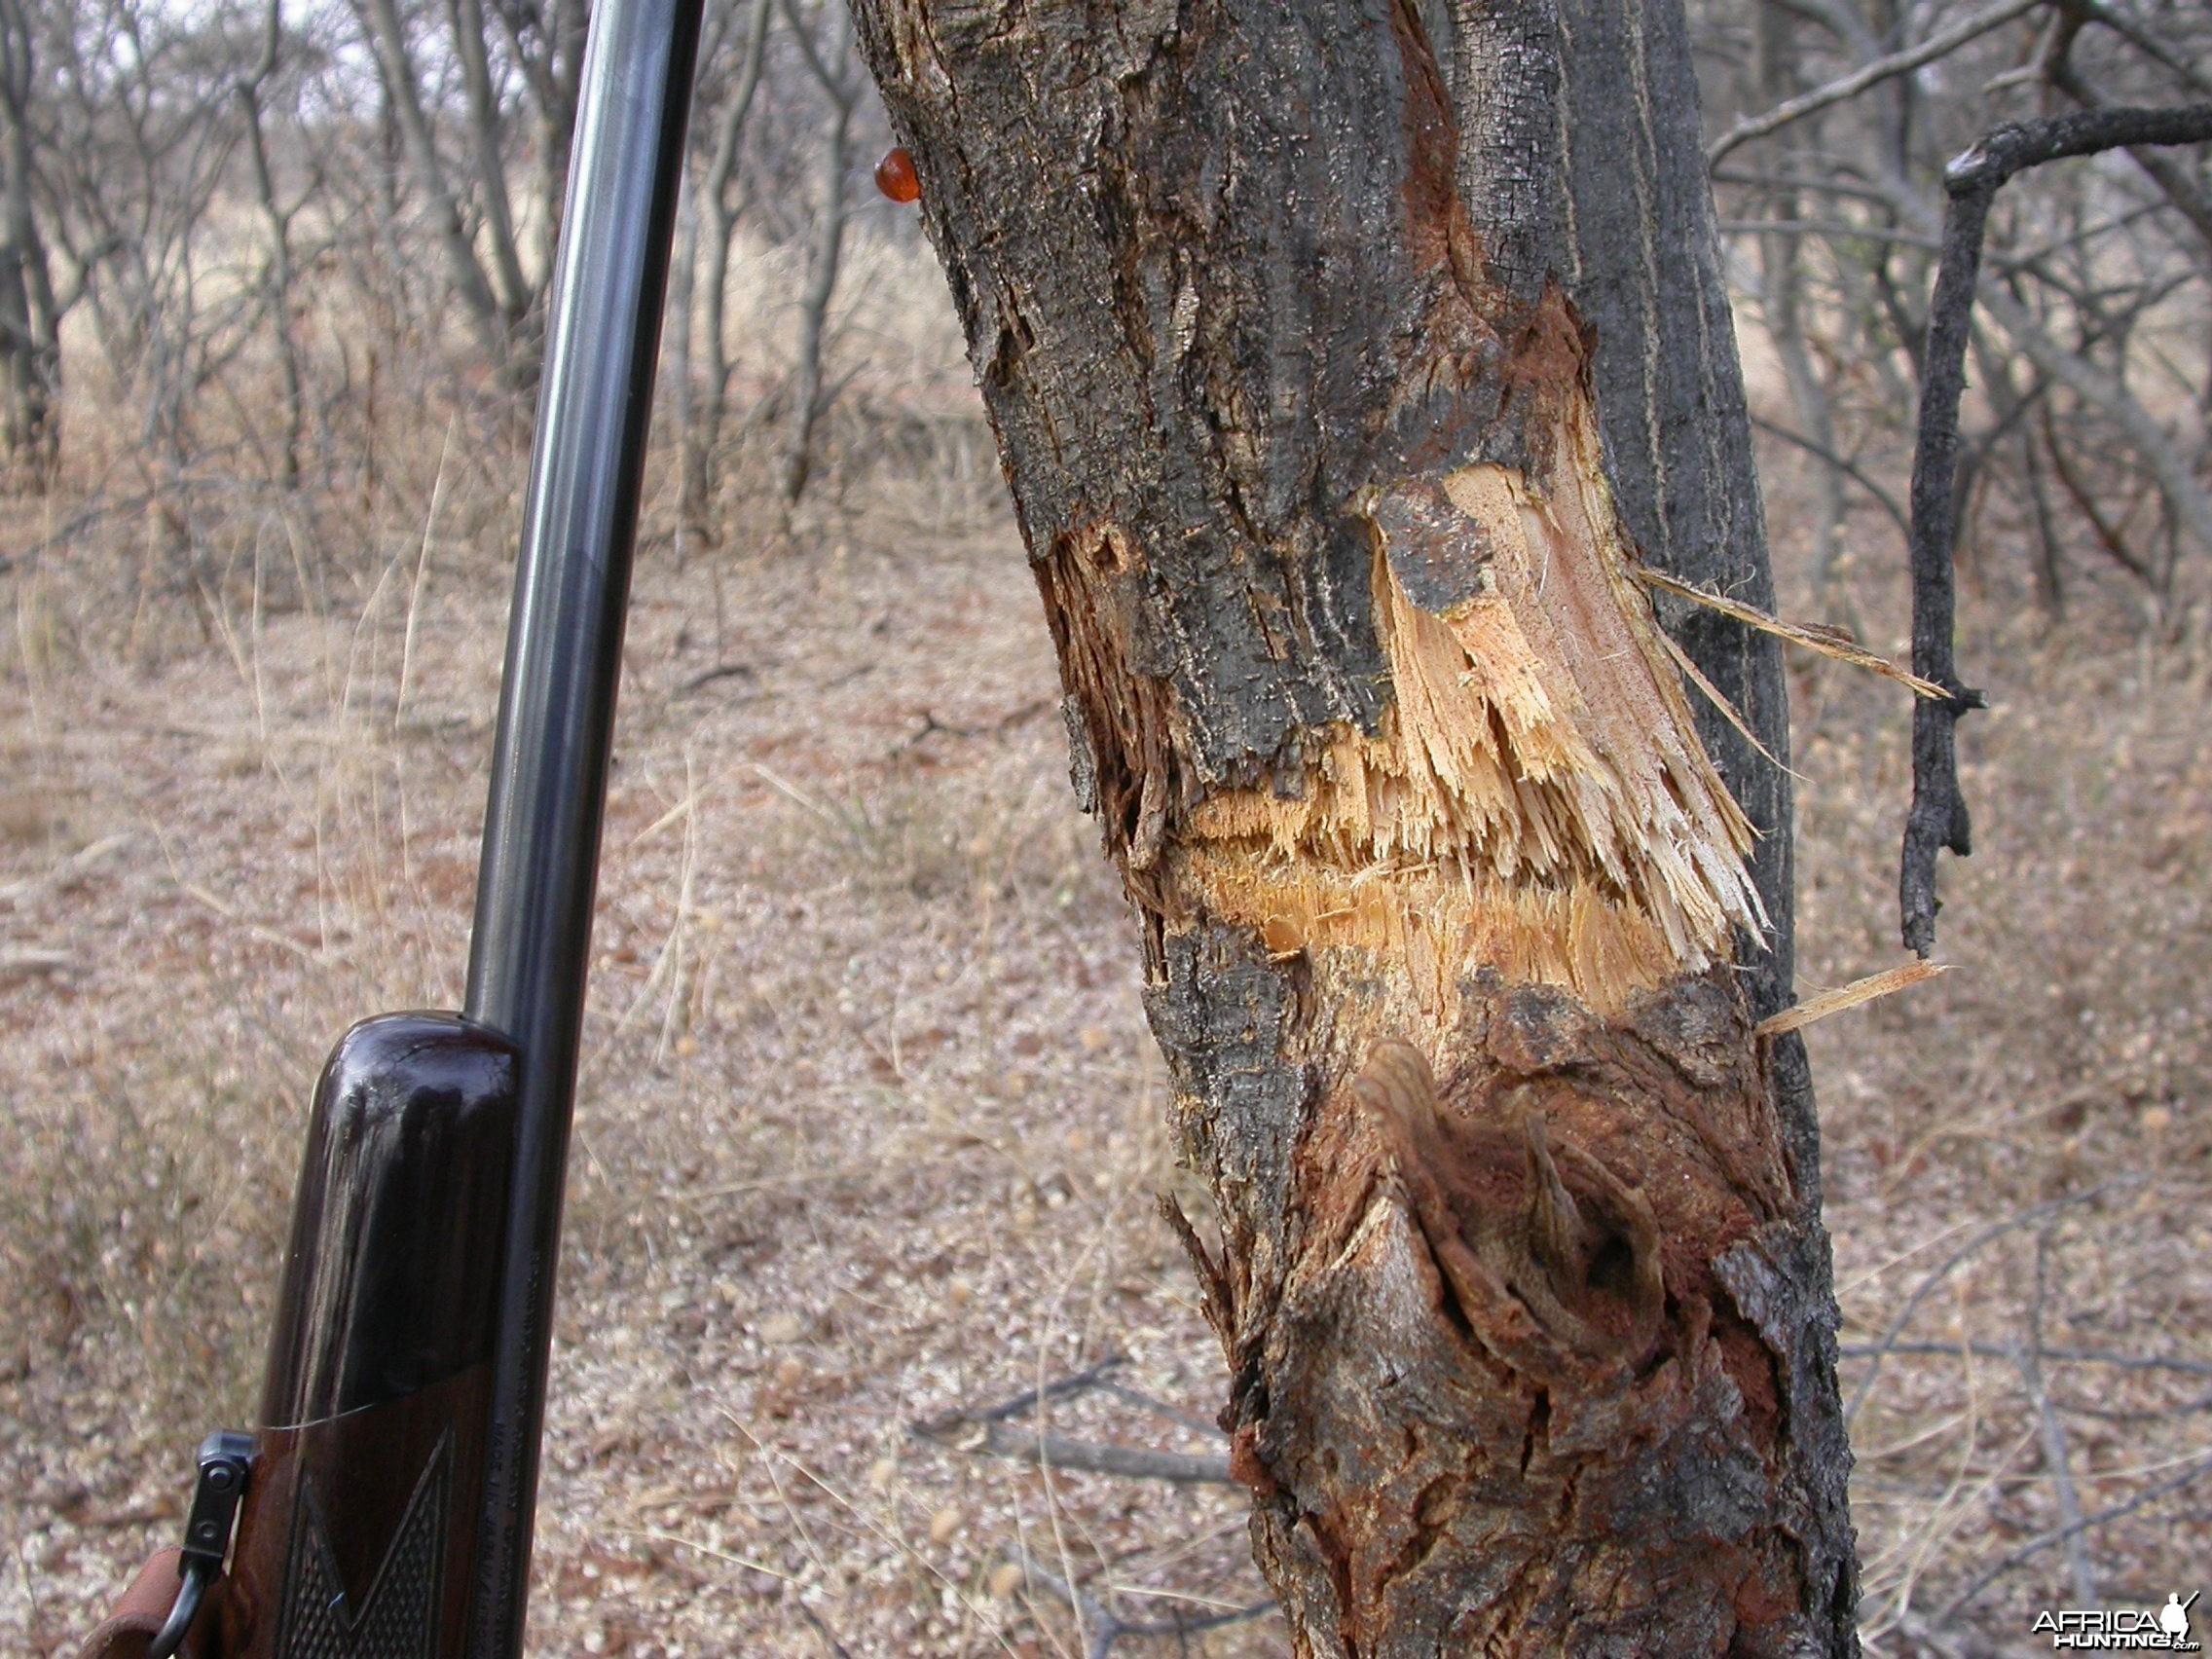 Bullet in Tree